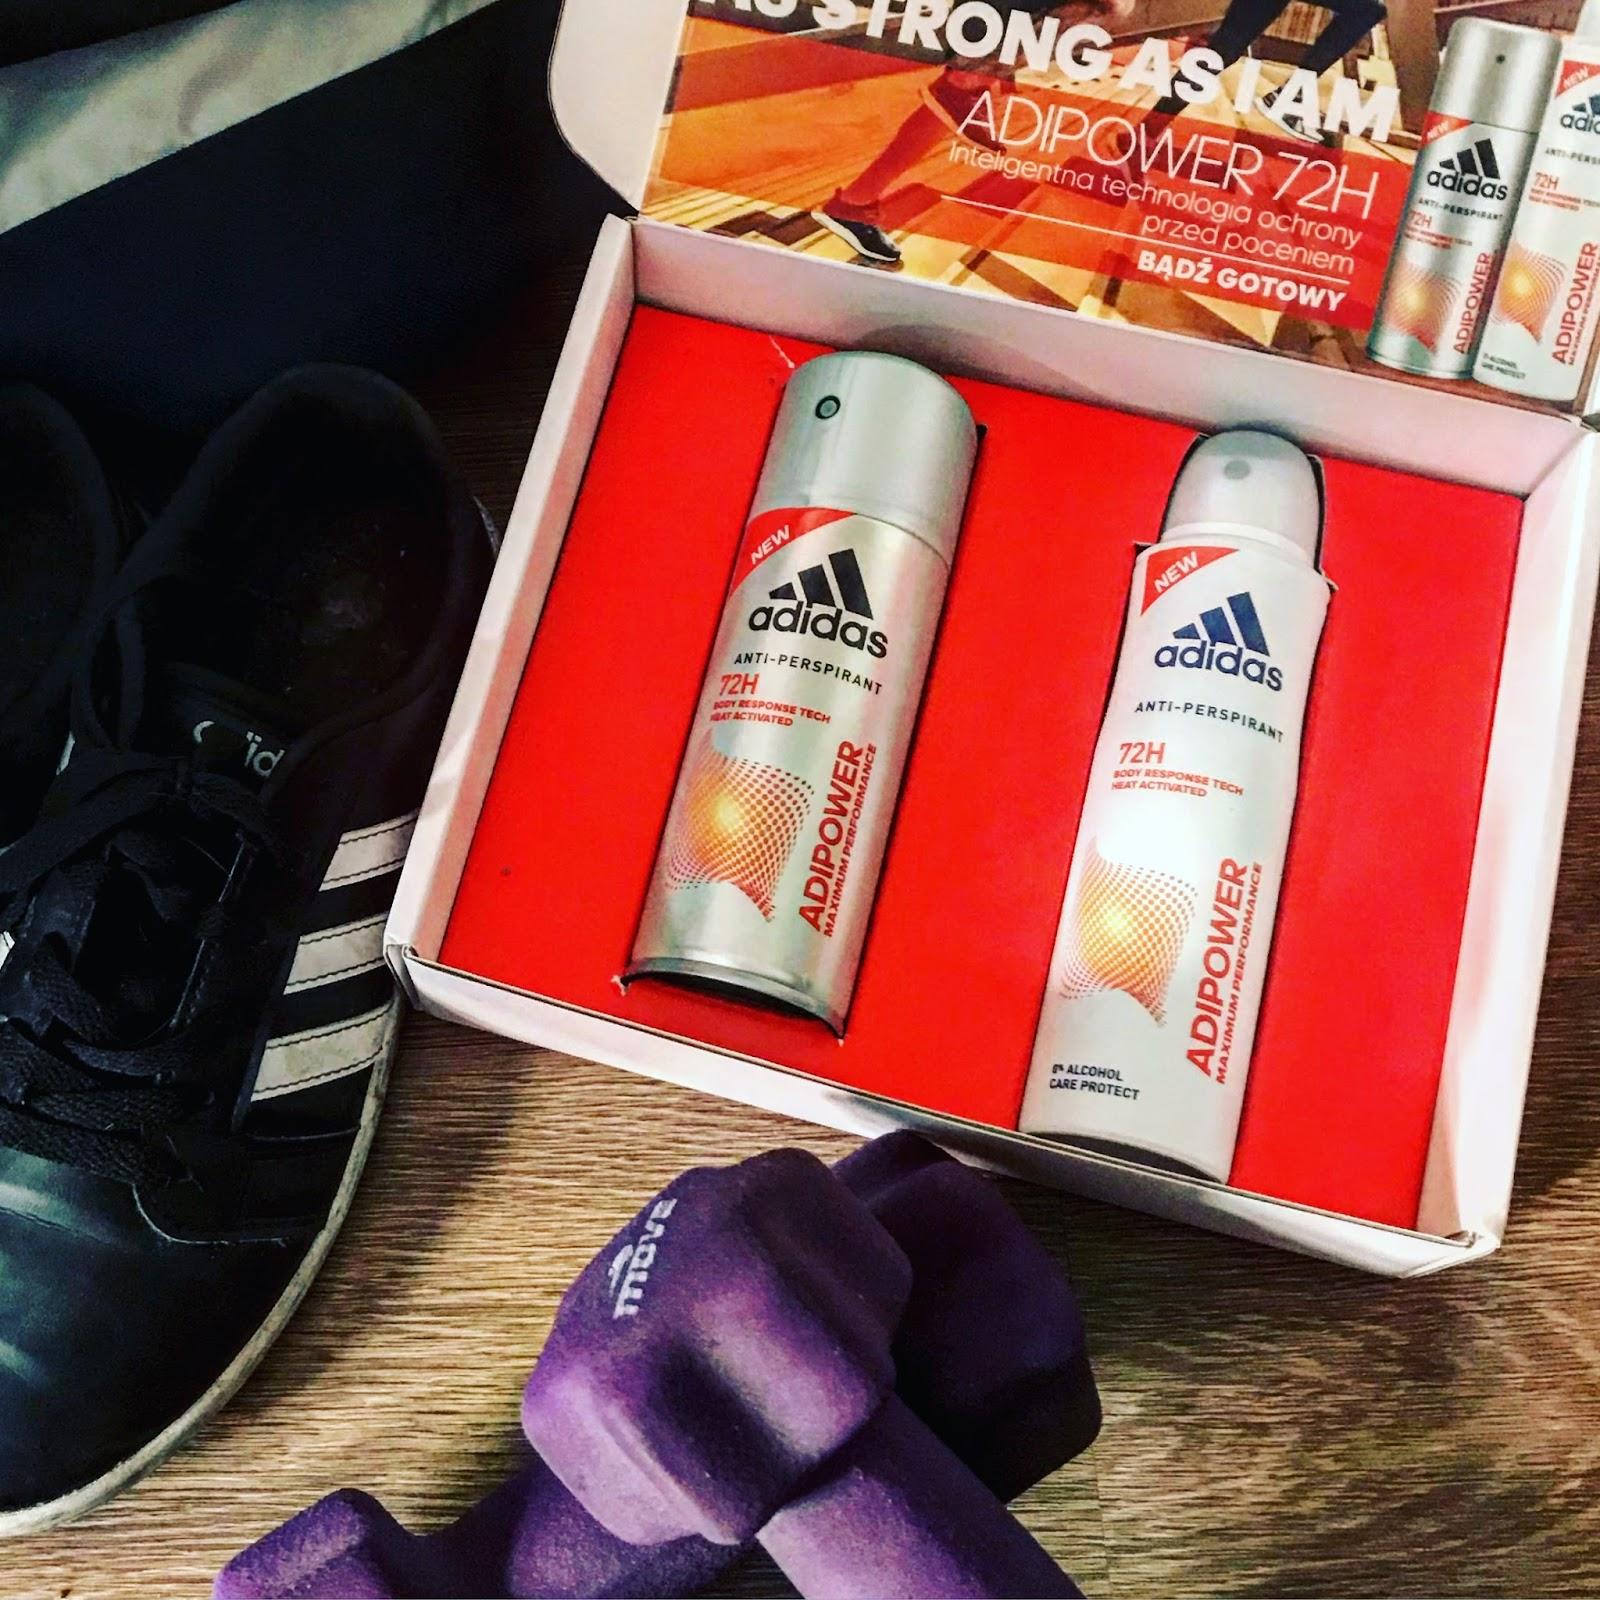 ADIPOWER  dezodoranty Adidas - Podsumowanie kampanii z TRND